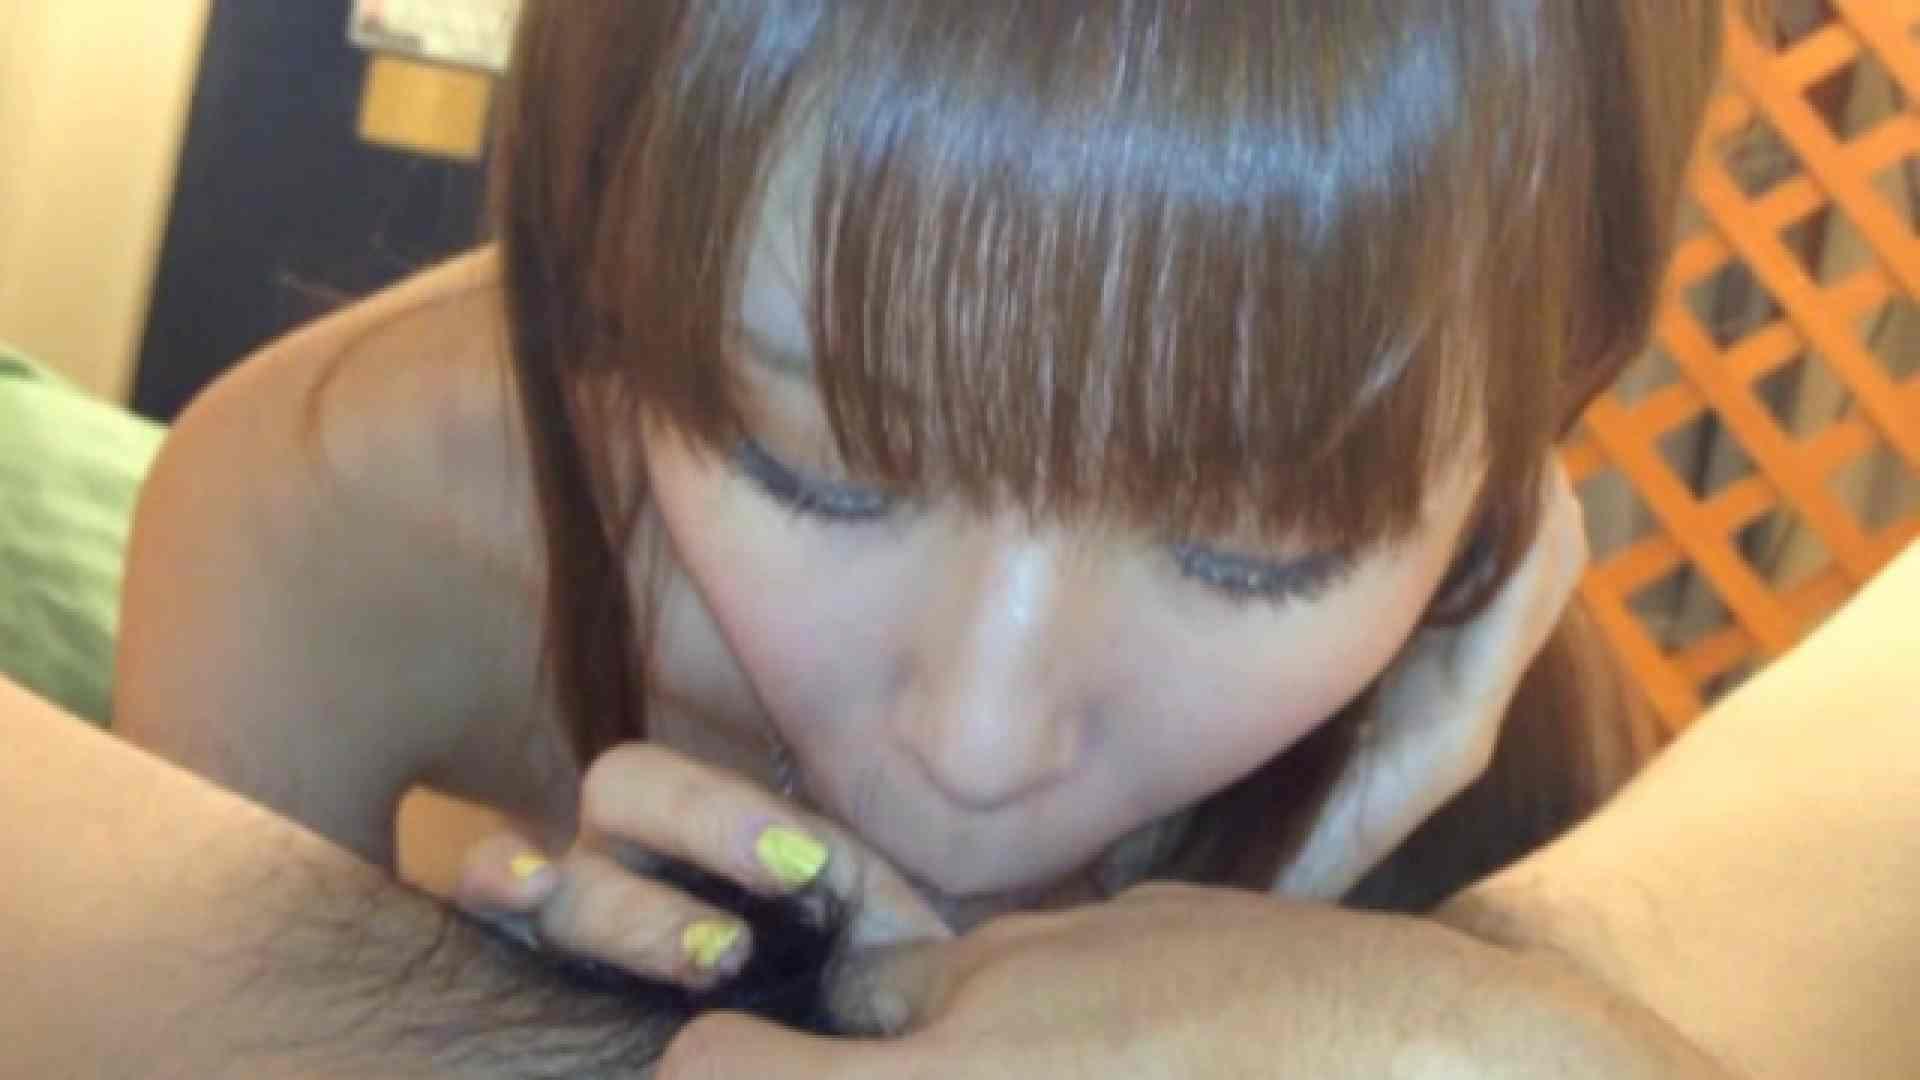 ドラゴン2世 チャラ男の個人撮影 Vol.17 超かわいい彼女 ゆいか 18才 Part.08 エロい美少女  101PIX 6